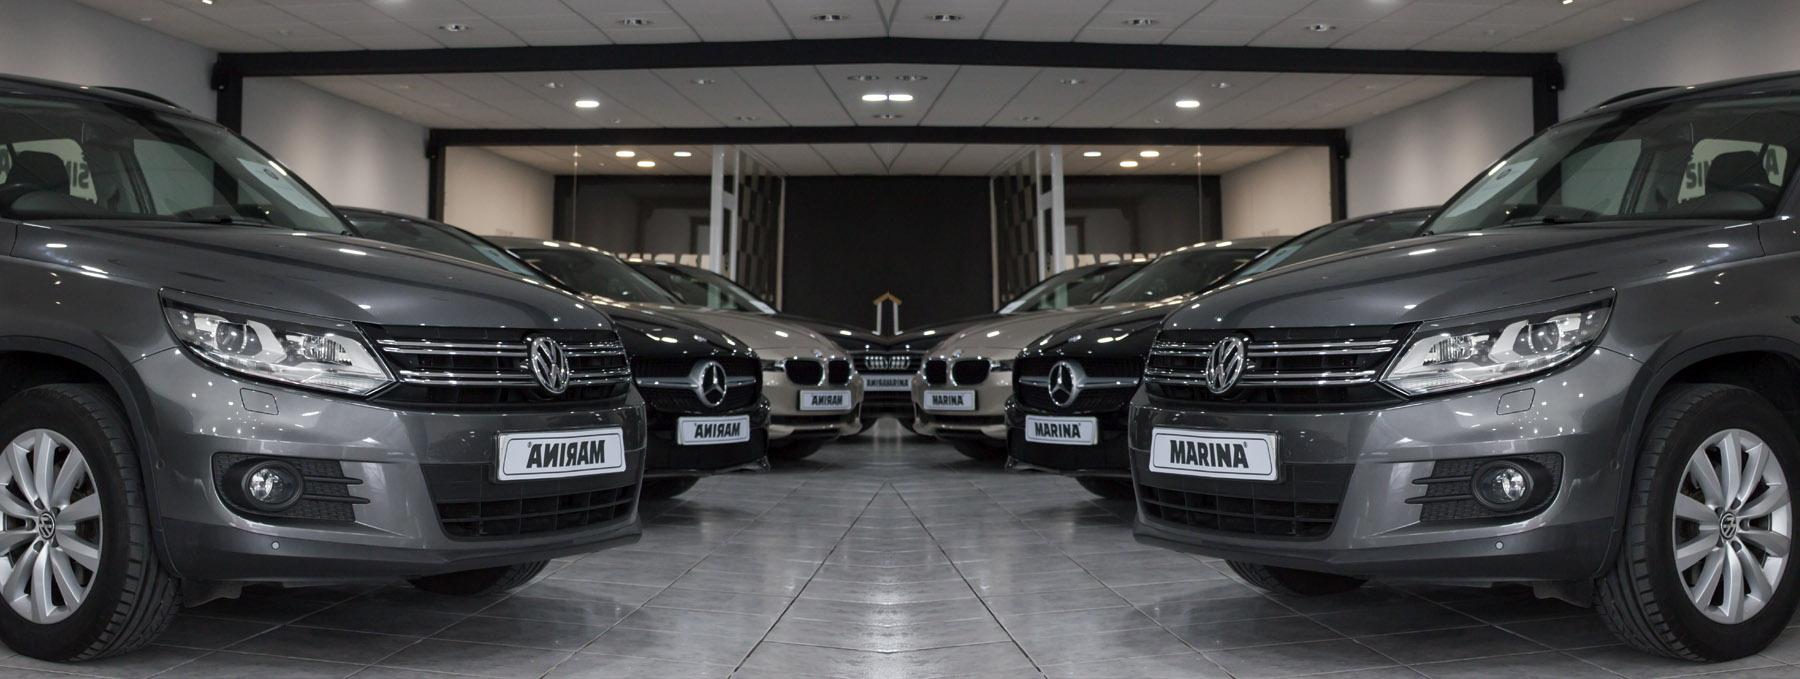 Marina Multimarca concesionario de coches de alta gama y segunda mano